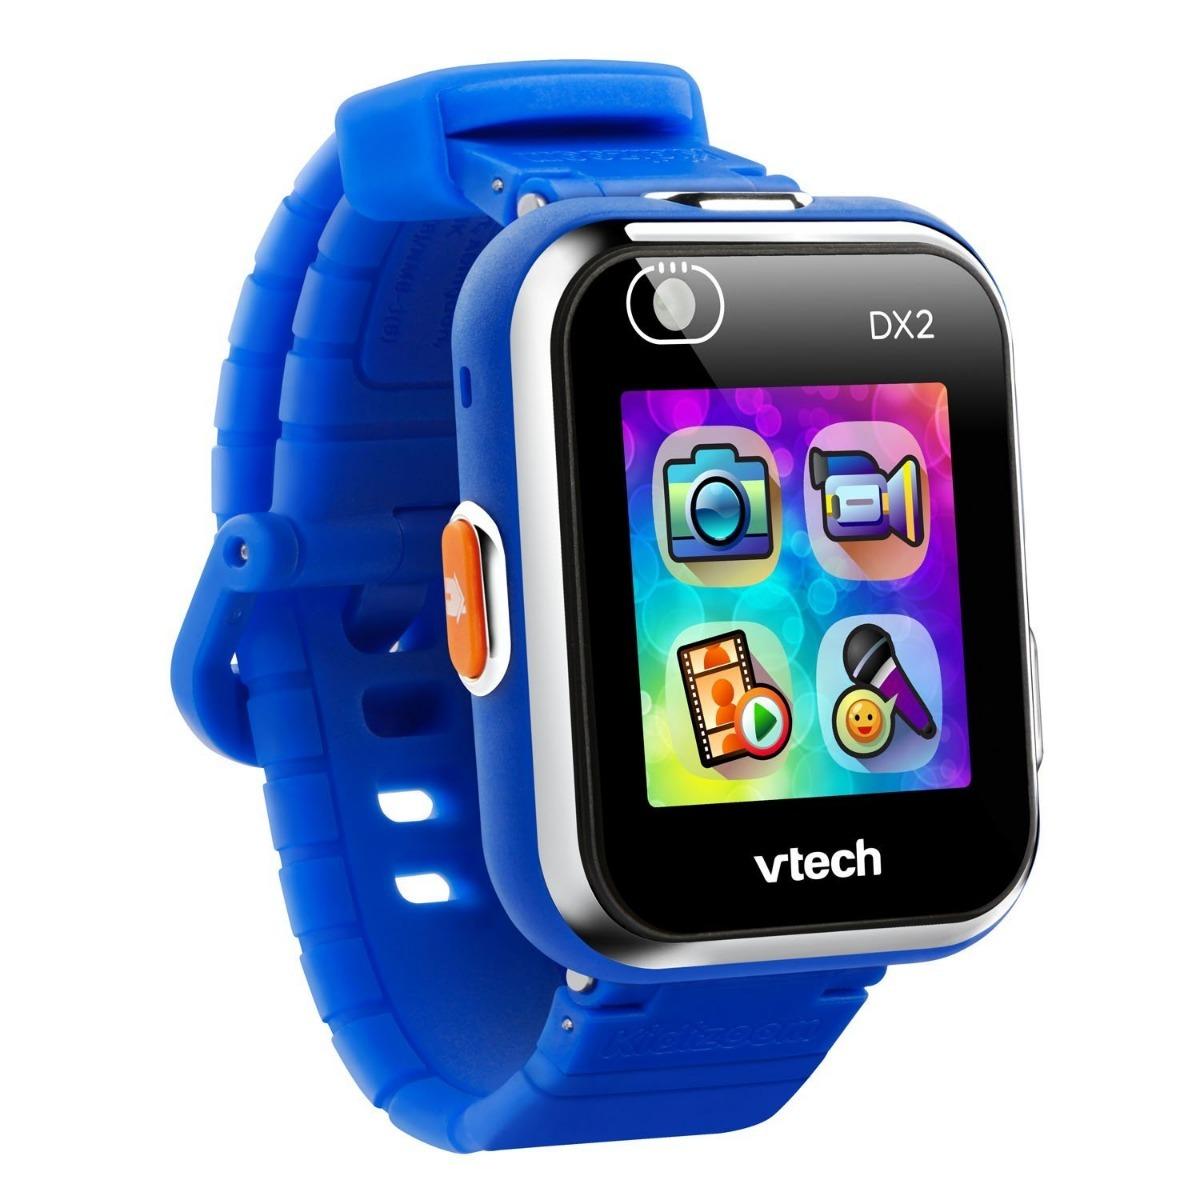 mejores zapatillas de deporte numerosos en variedad diseño elegante Smartwatch Reloj Inteligente Vtech Para Niños Color Azul